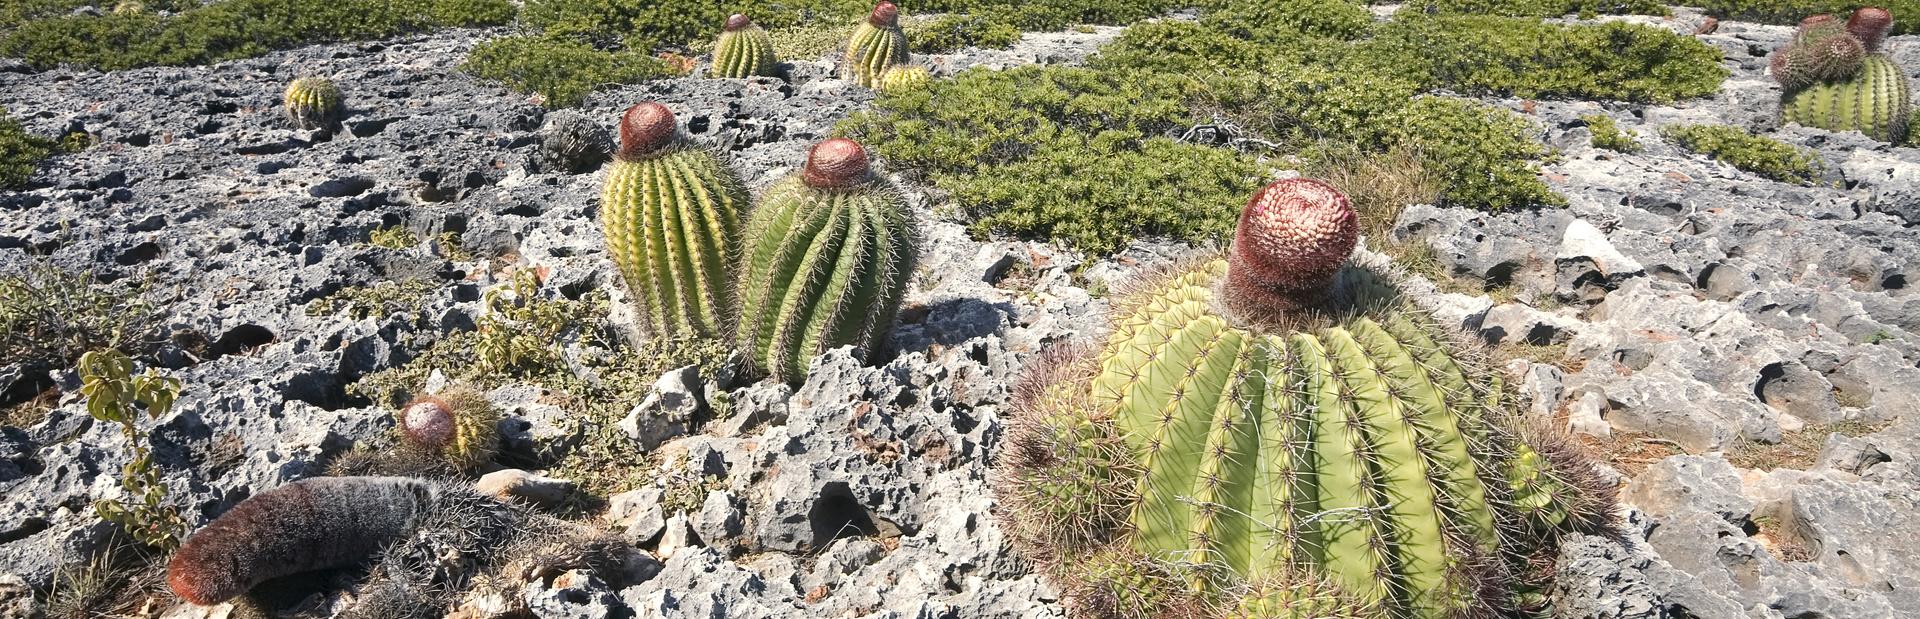 Anguilla news photo